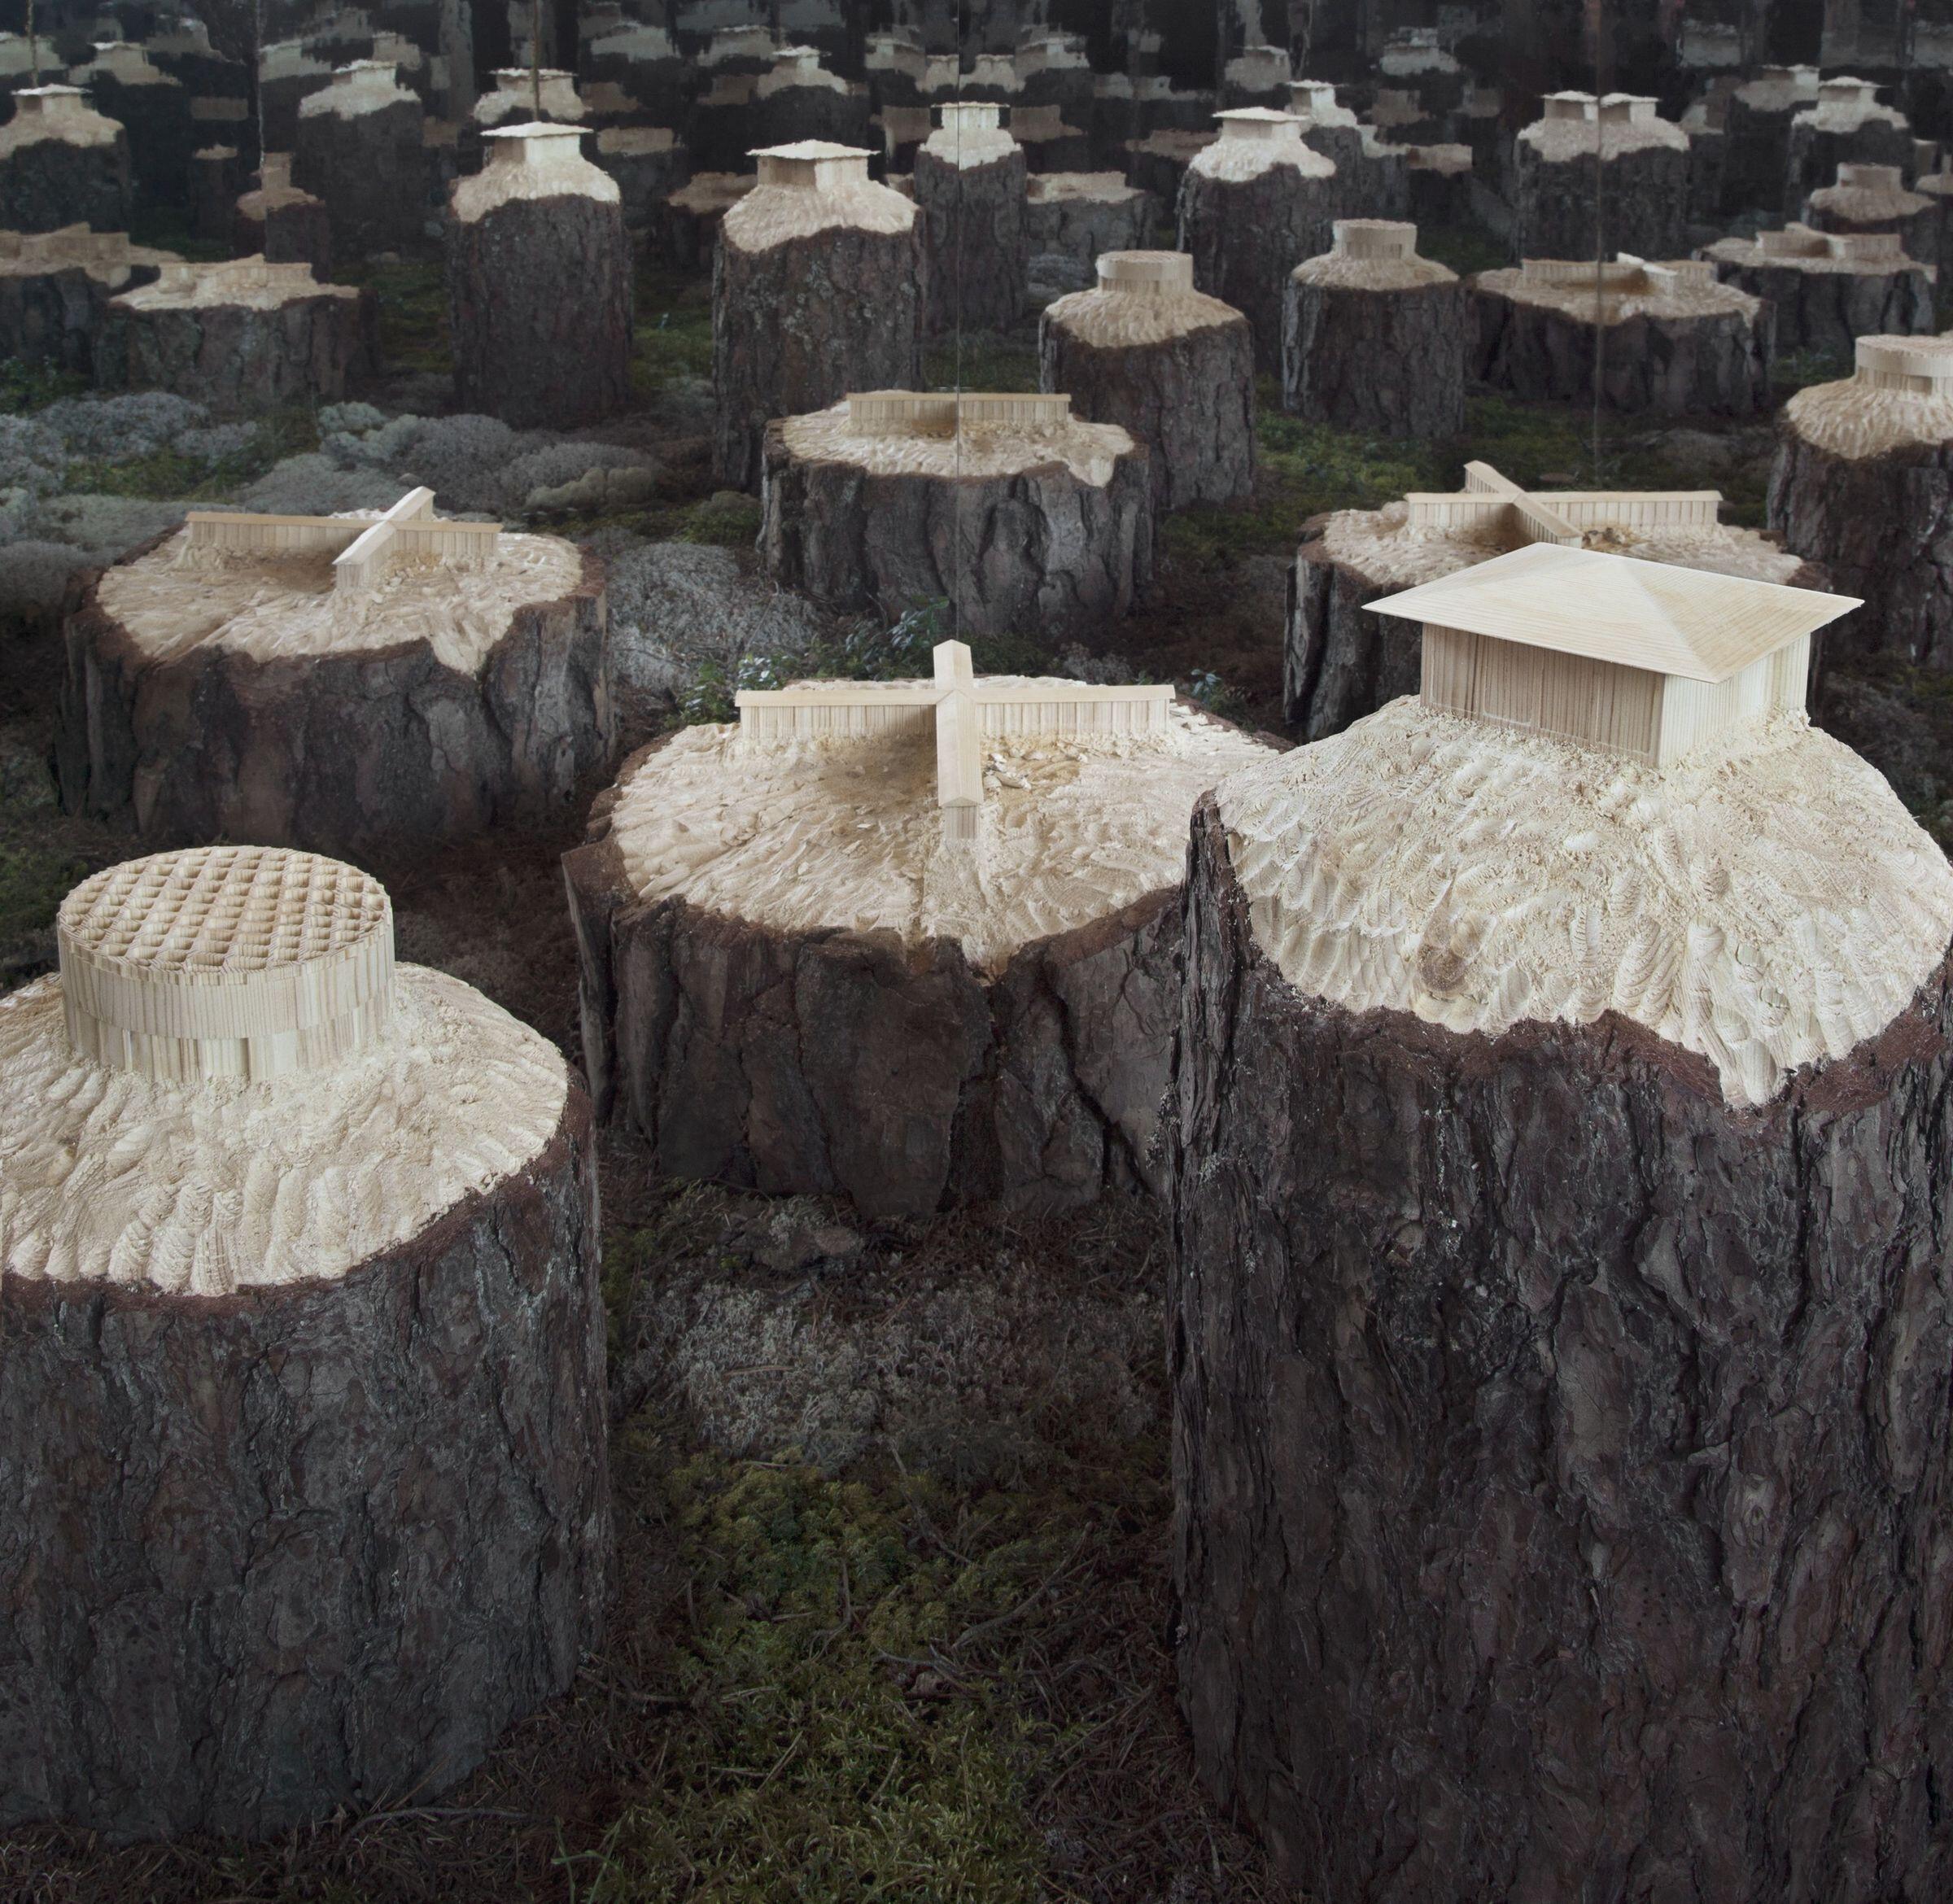 The Naturalis Brutalis